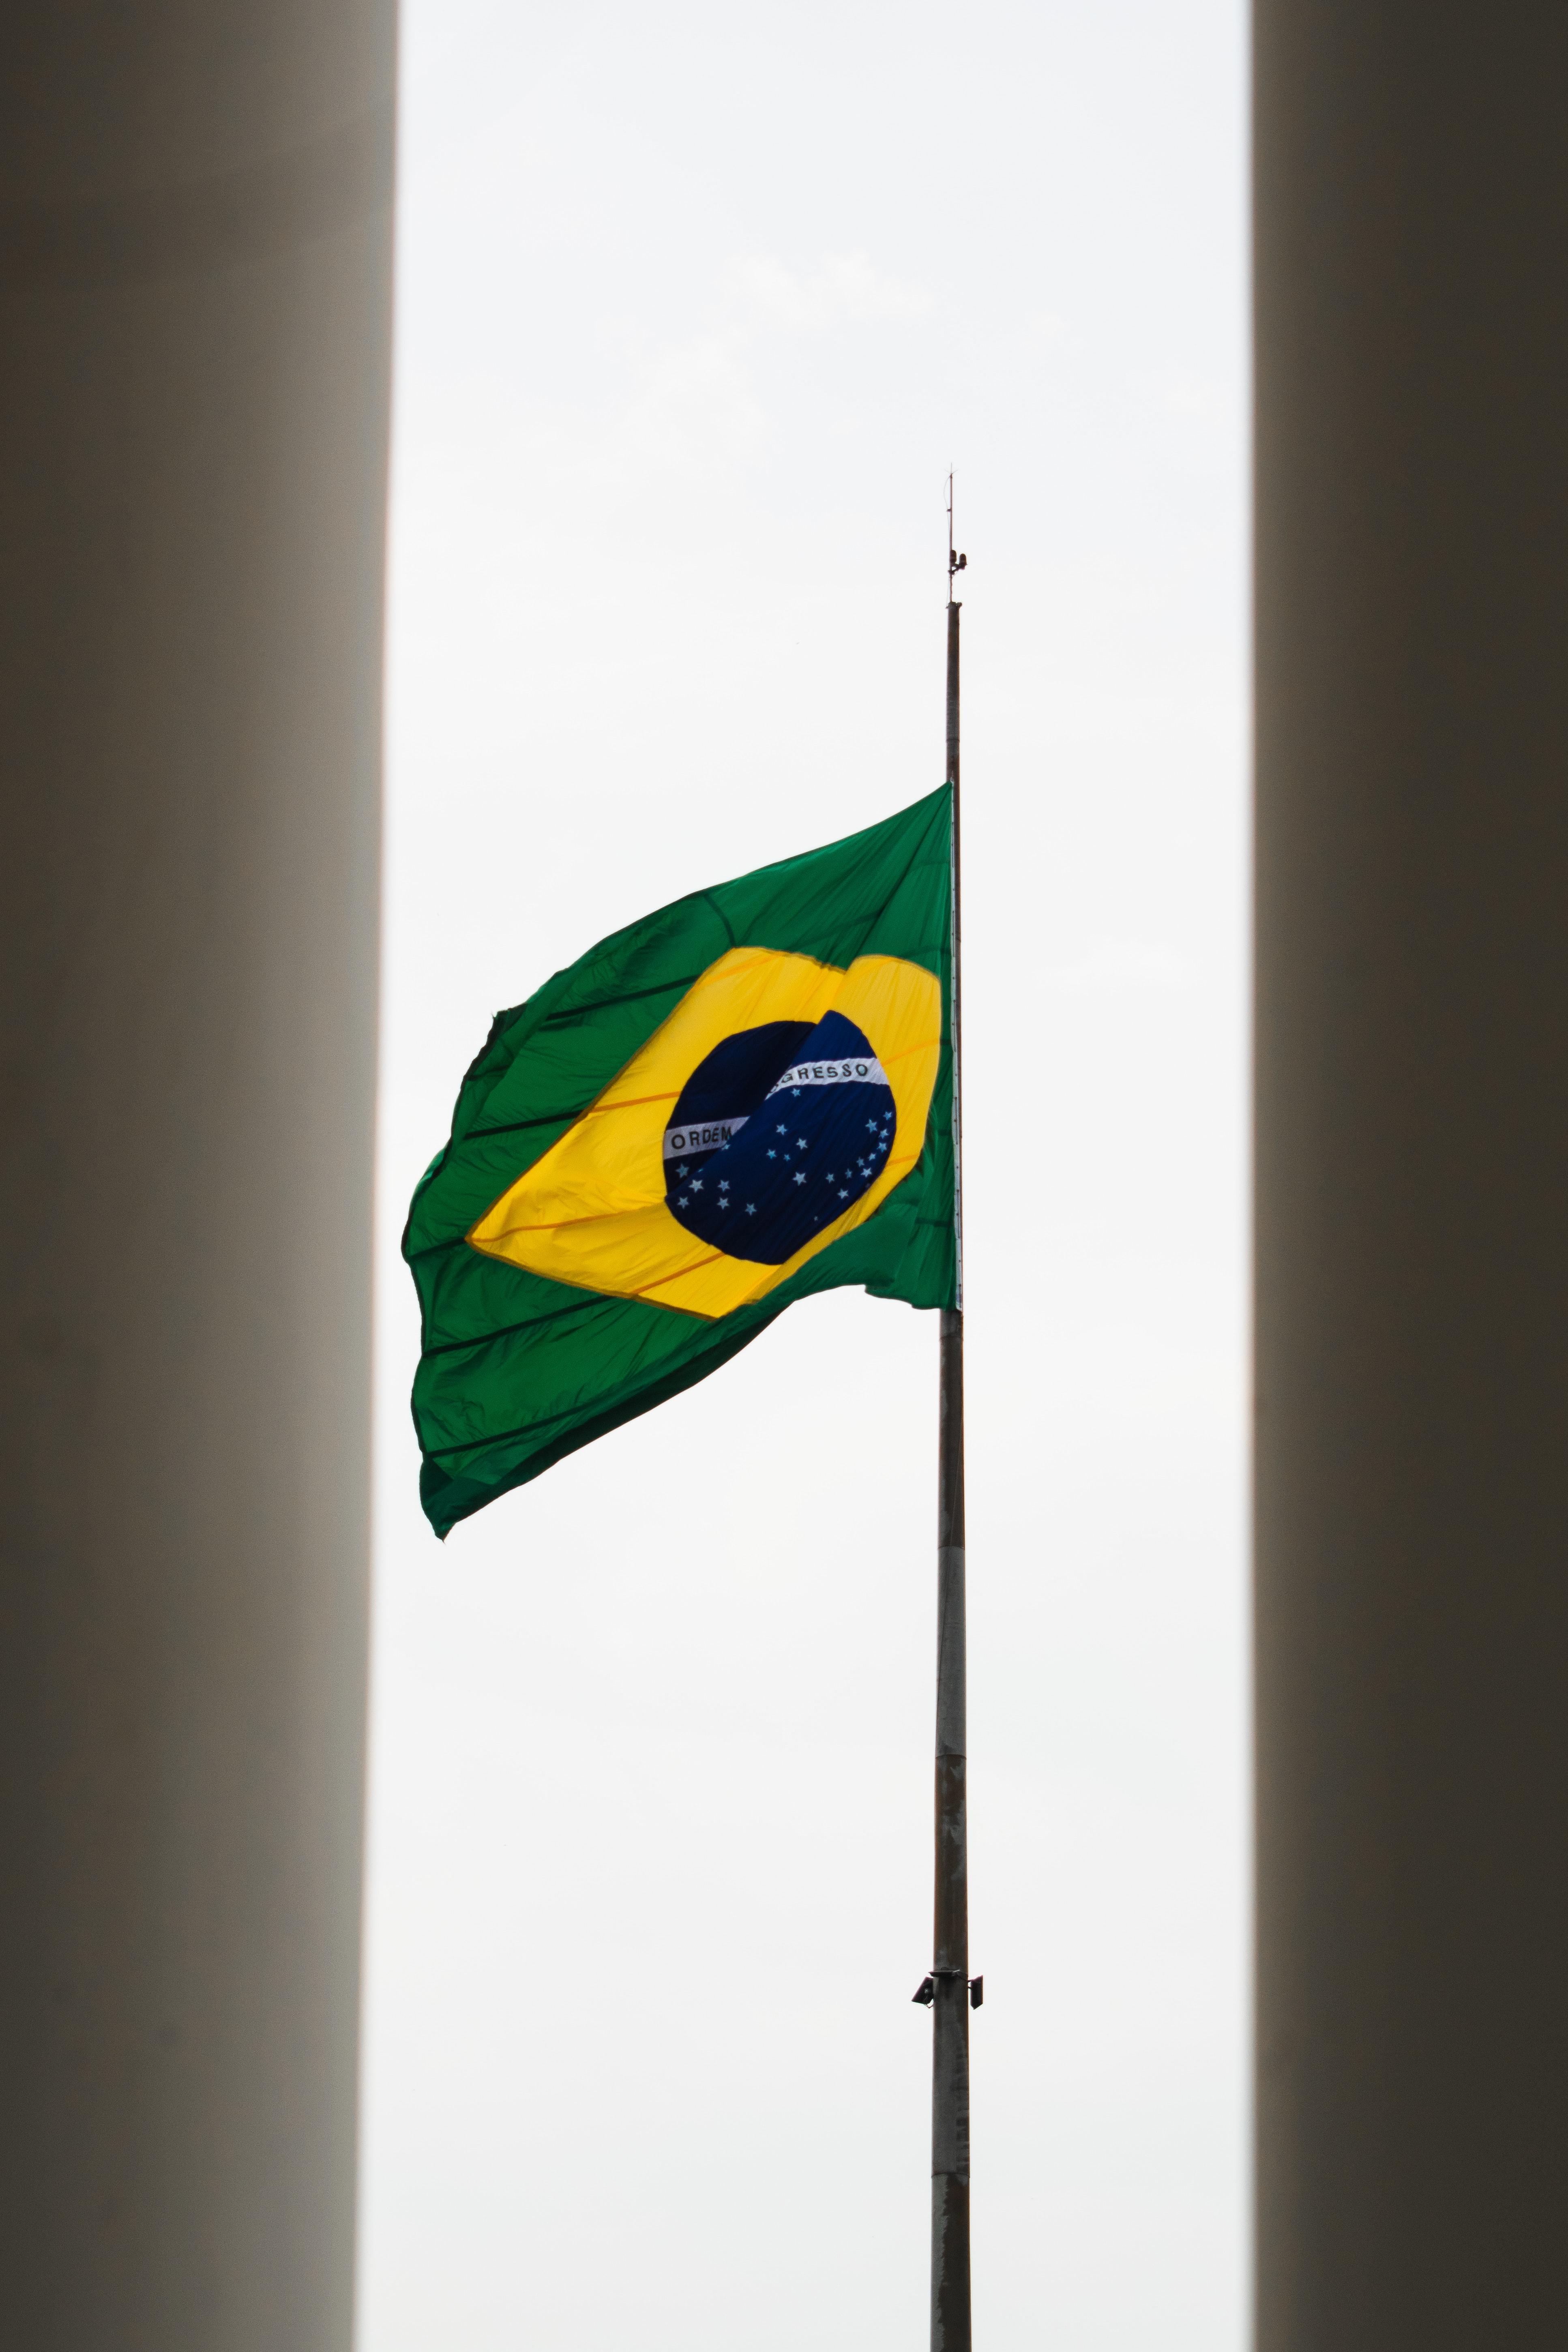 Brazil's Central Bank Delays CBDC Timeline to 2024